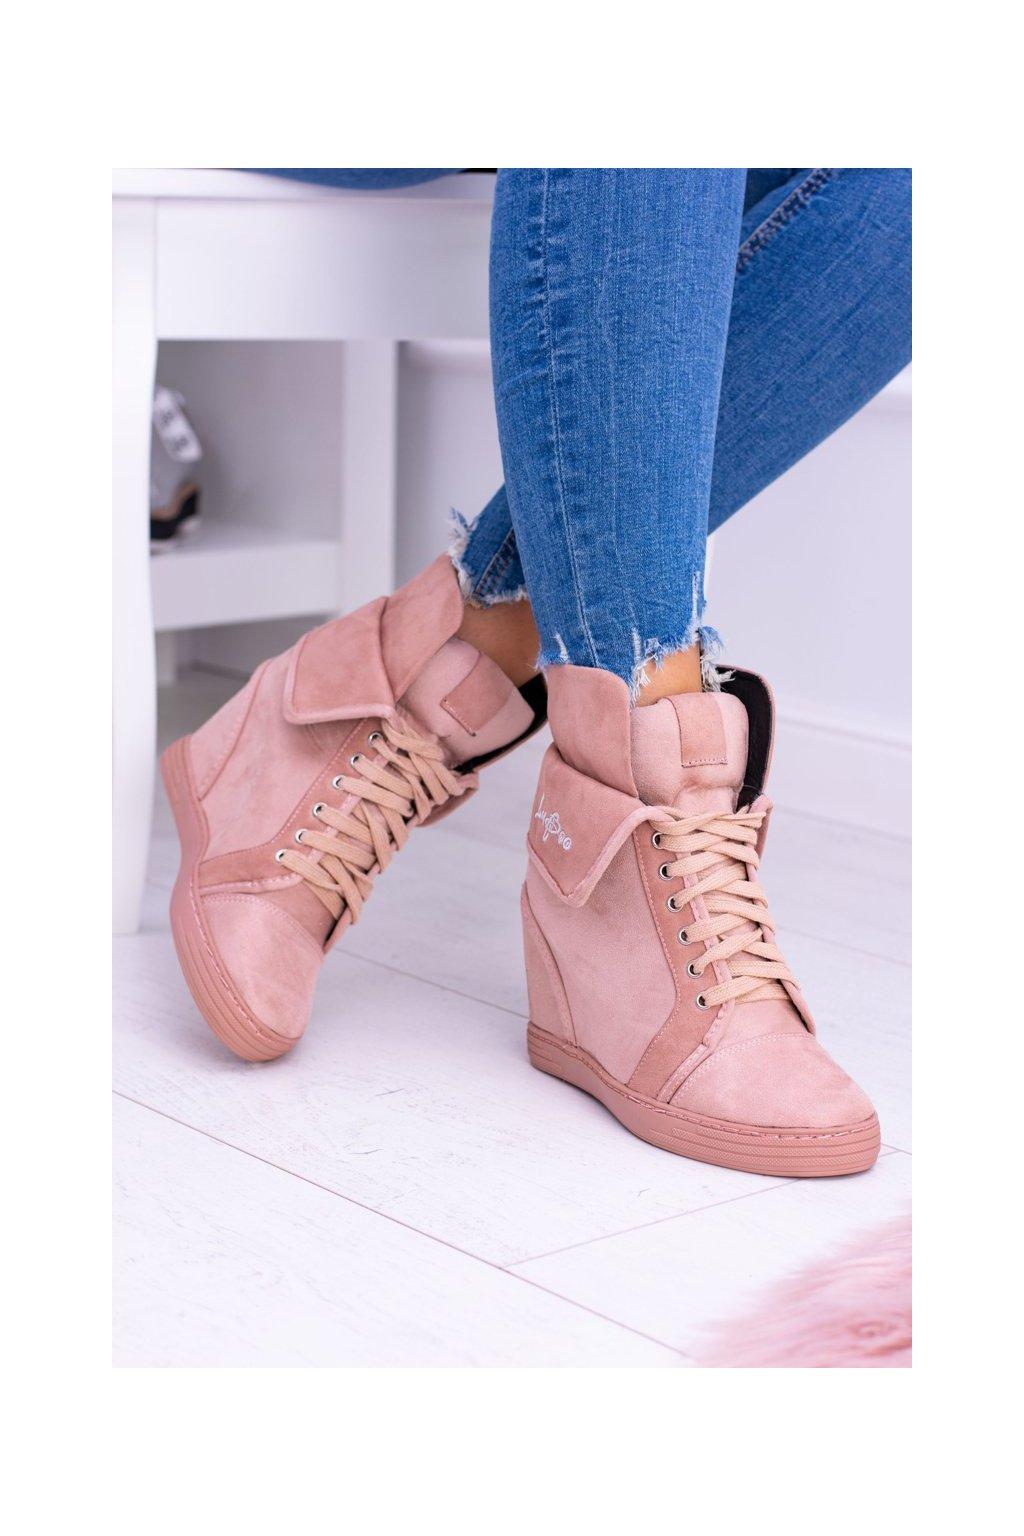 Dámska obuv Sneakers Lu Boo semišové ružové Vanilla